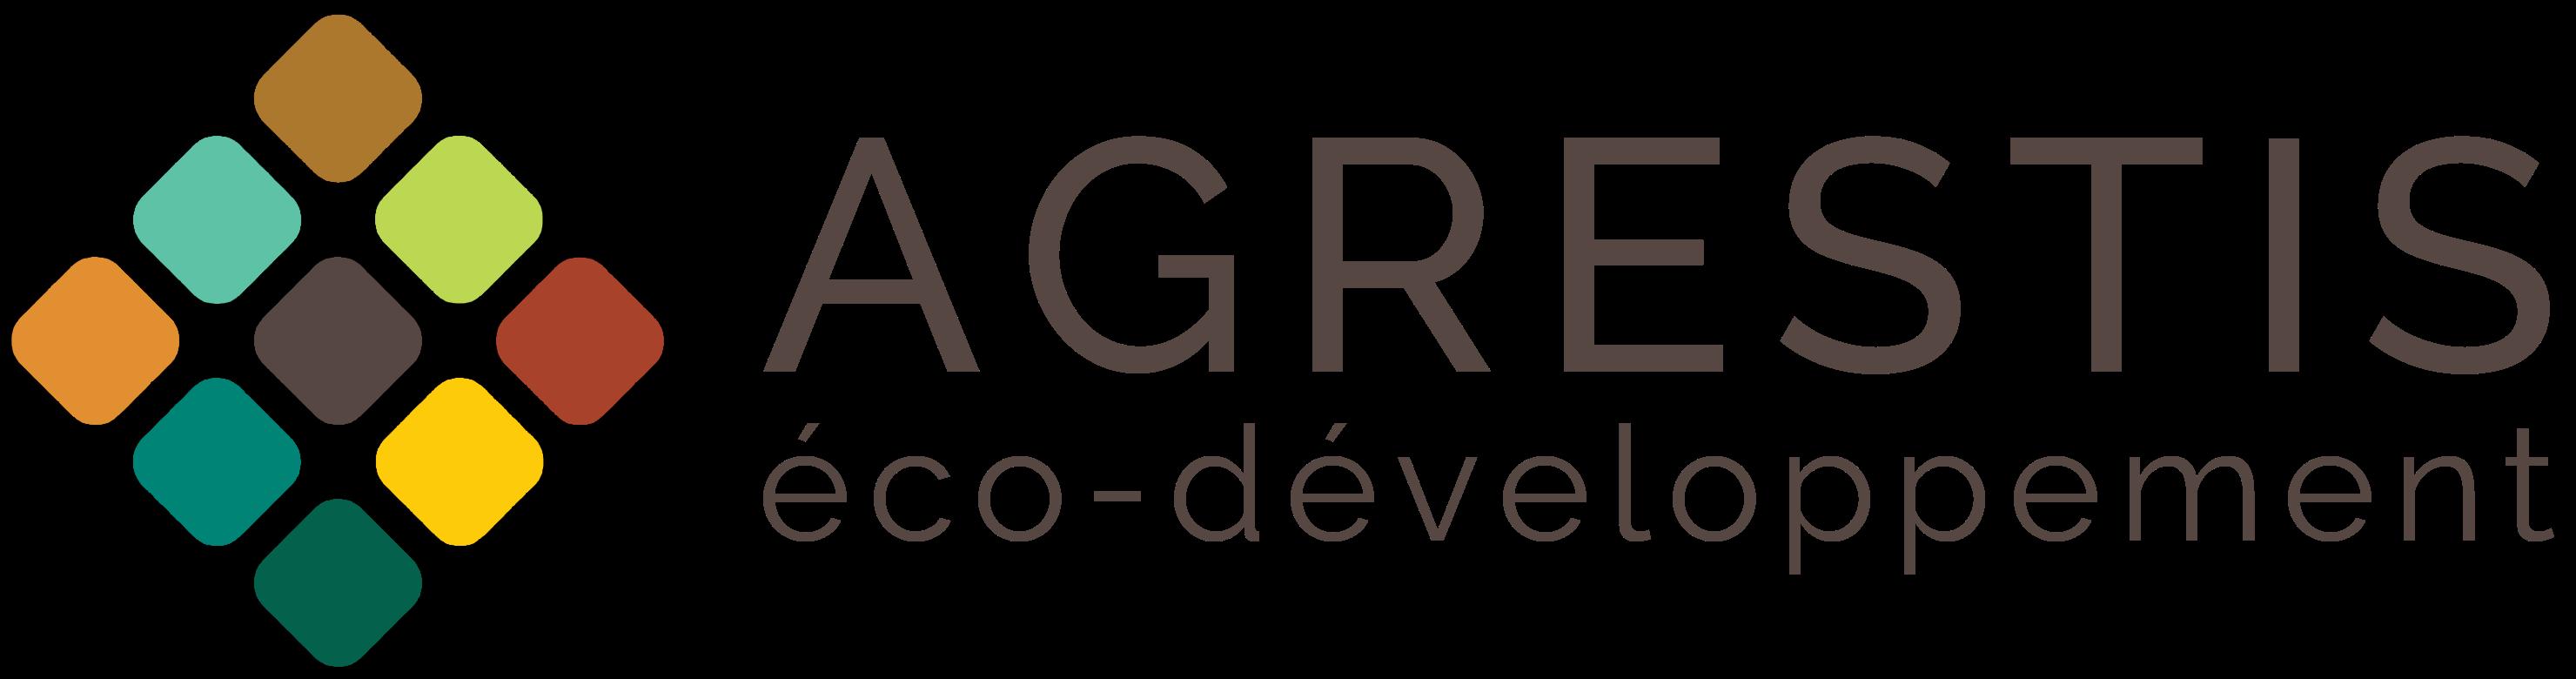 Agrestis éco-développement